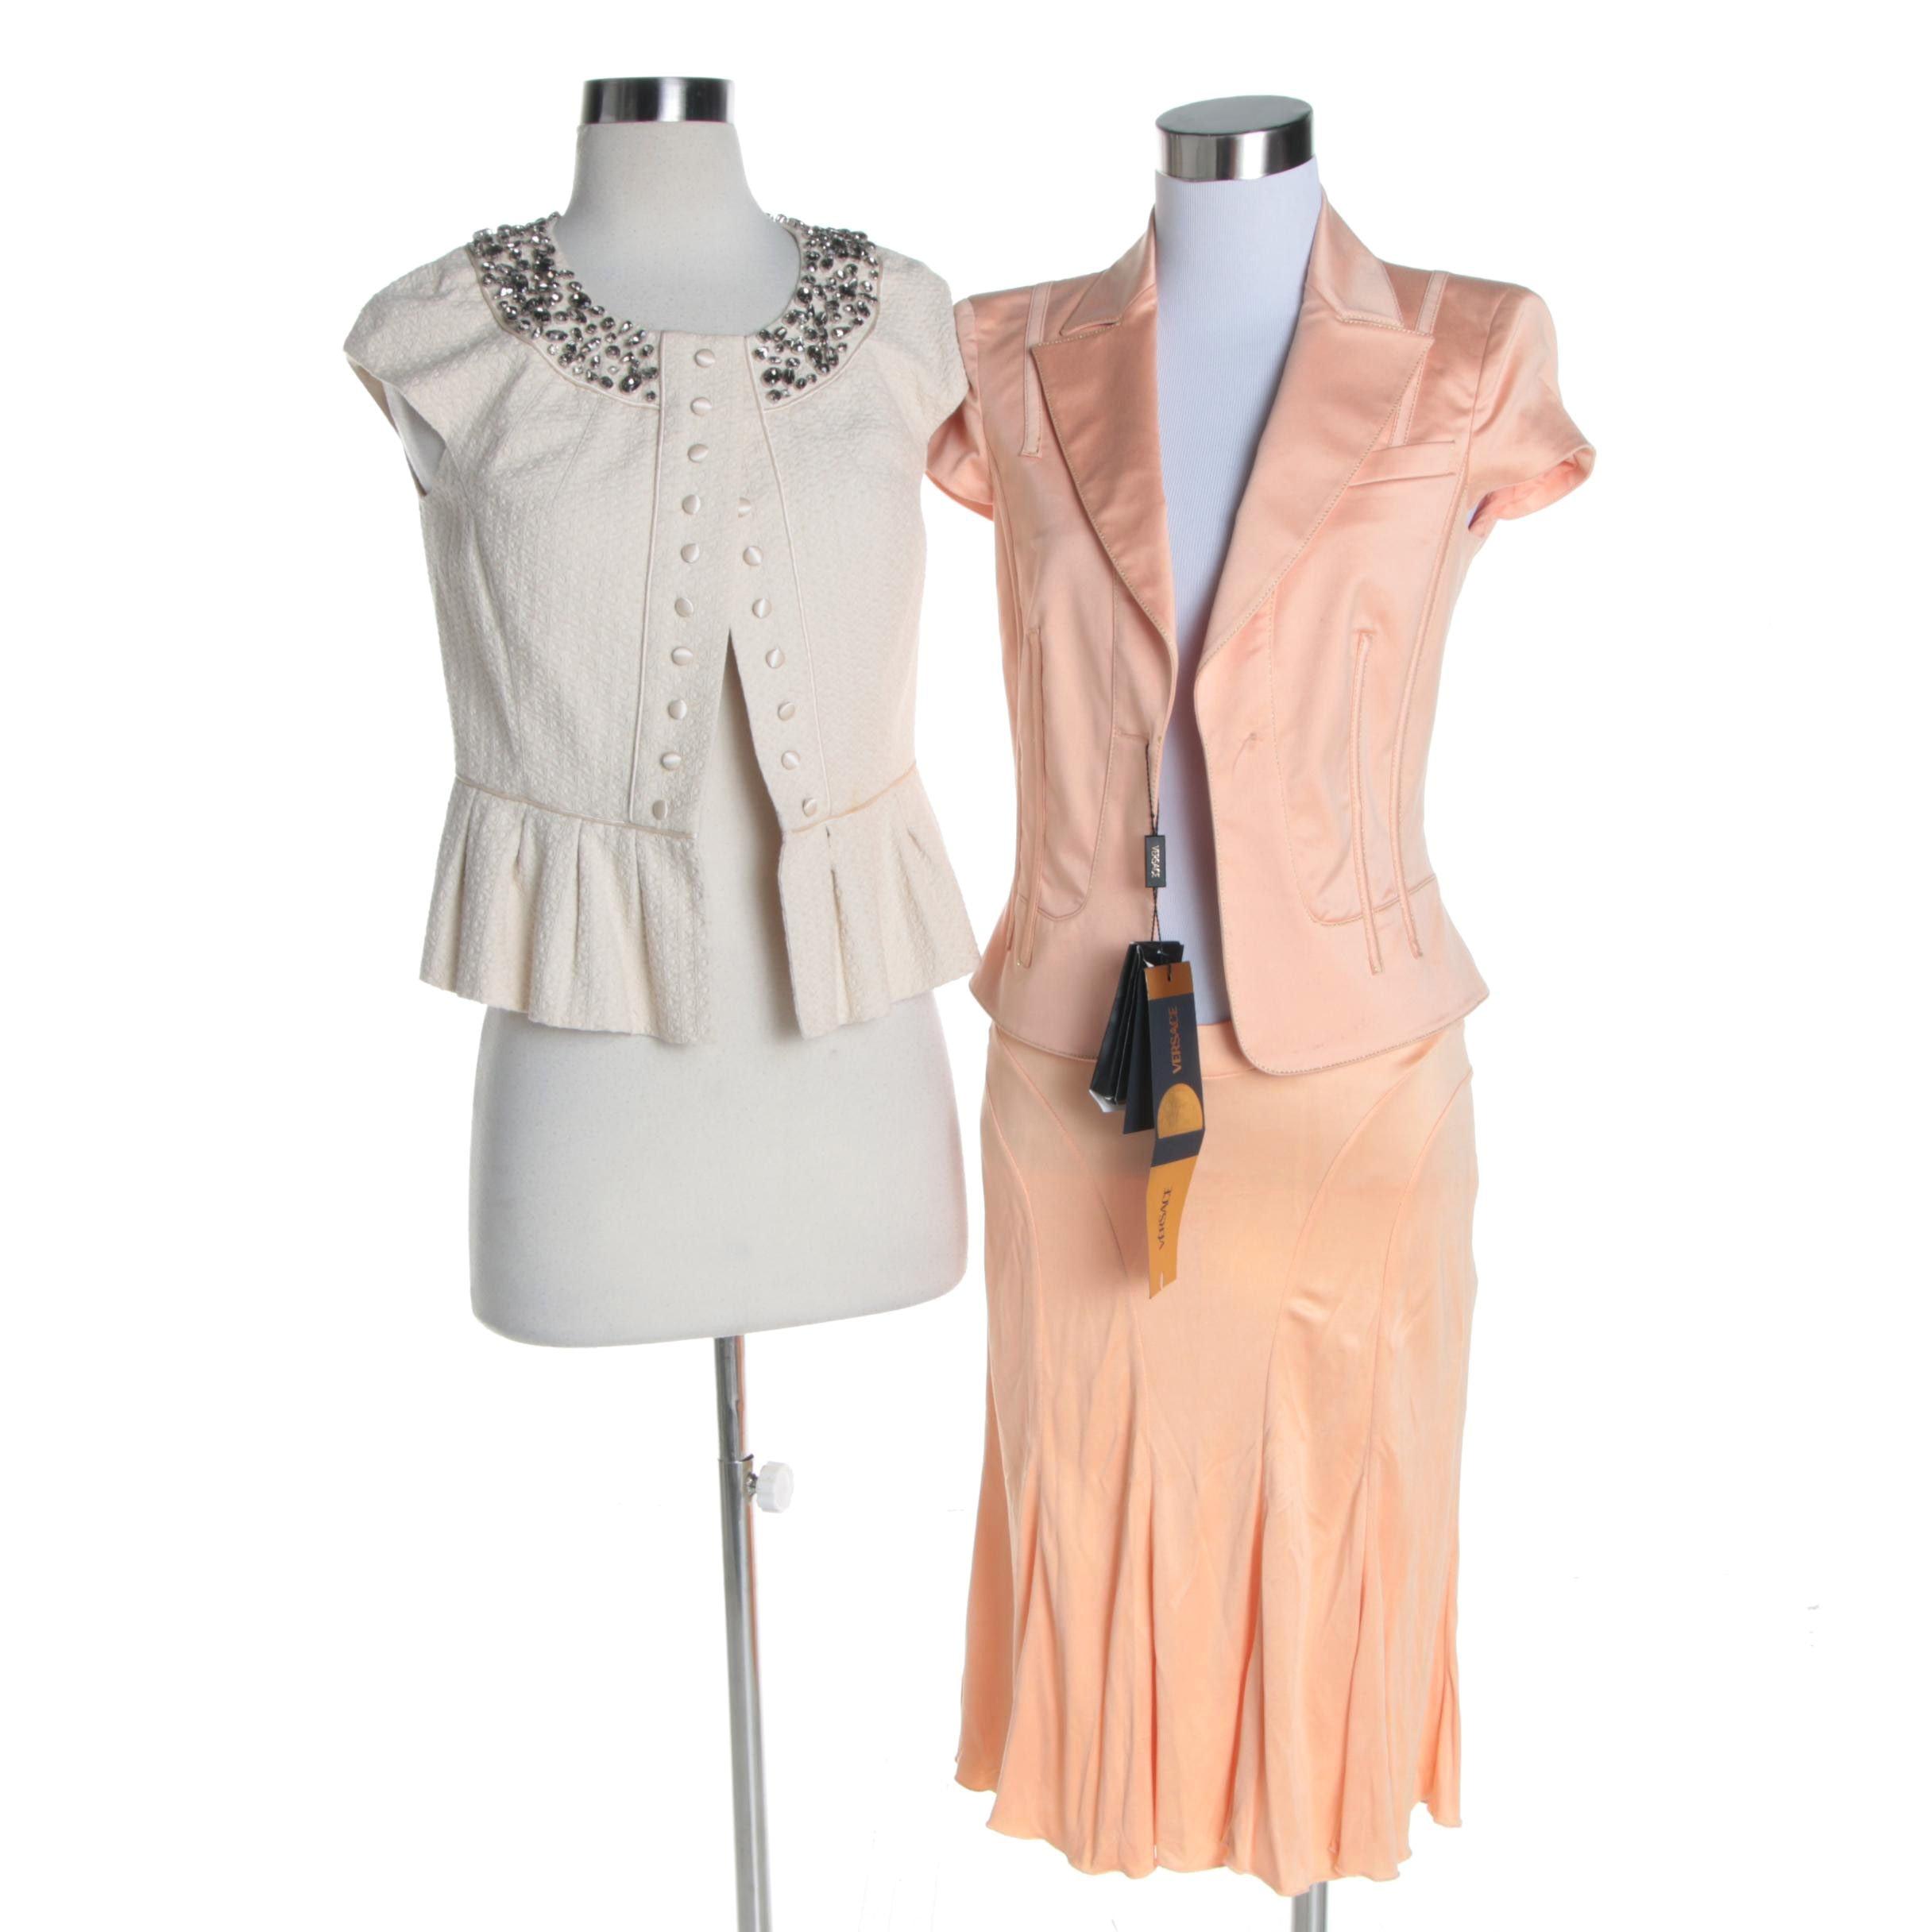 Women's Versace Skirt Suit and Robert Rodriguez Short Sleeve Jacket